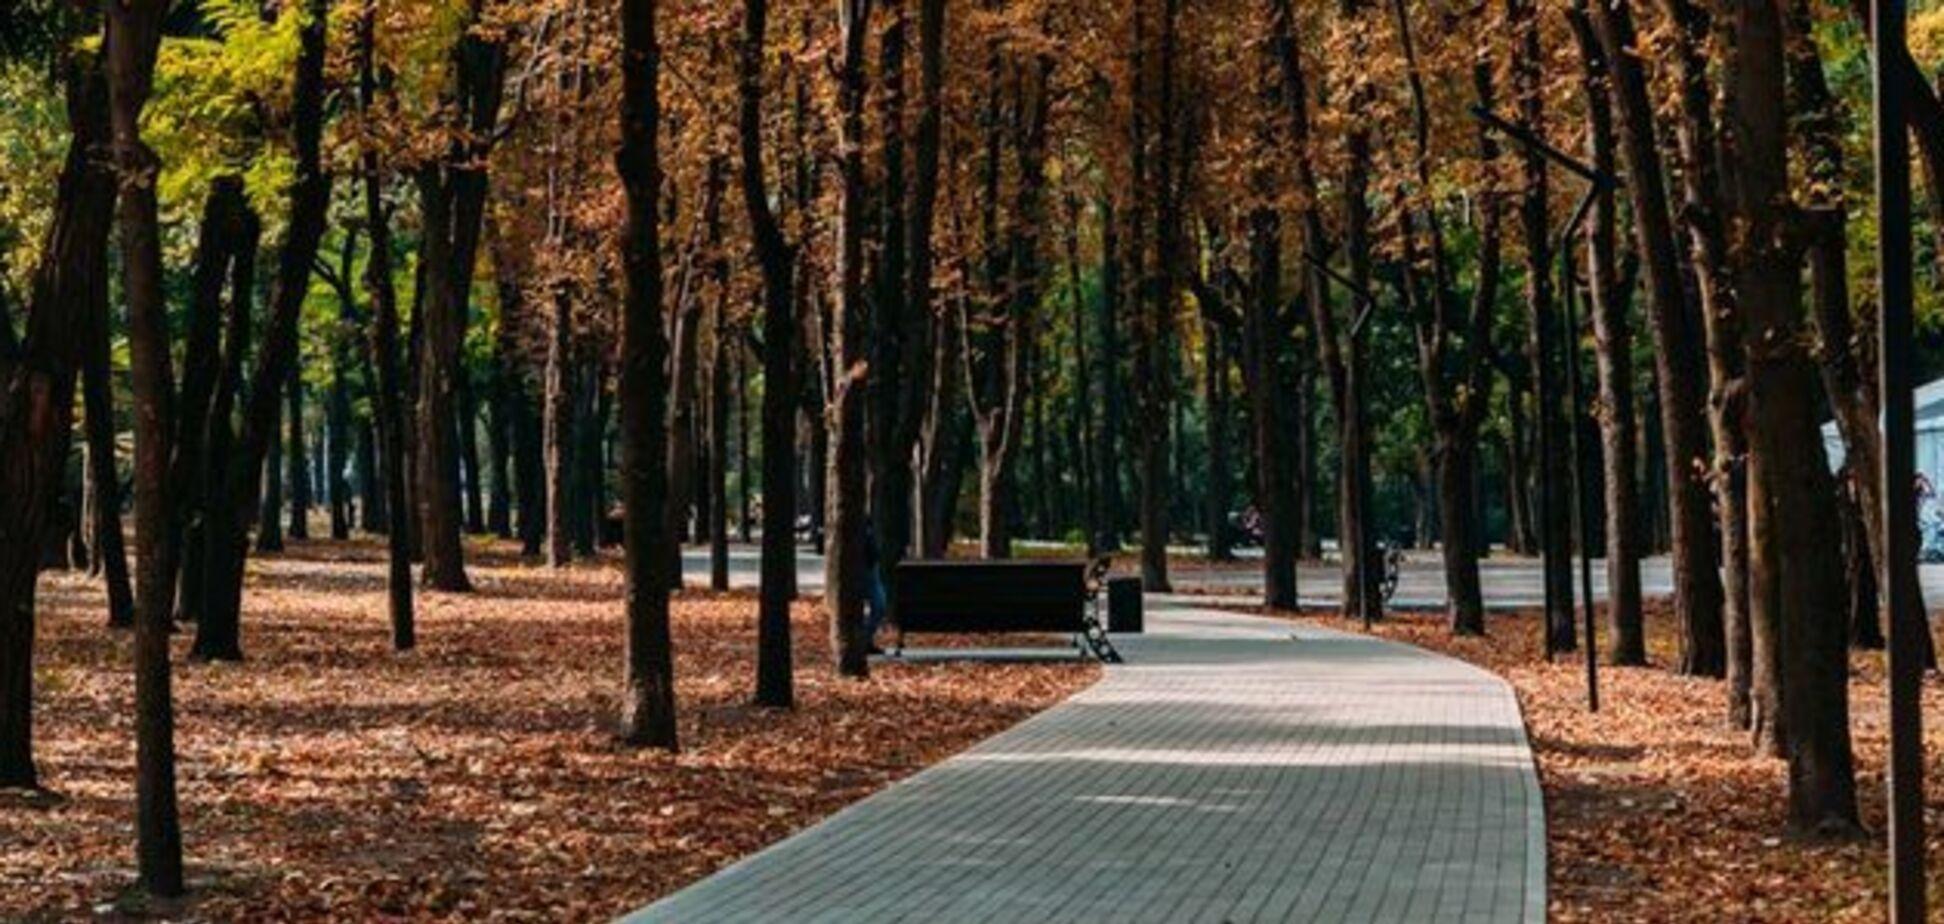 В Днепре вандалы испортили урны в парке Гагарина. Источник: Информатор